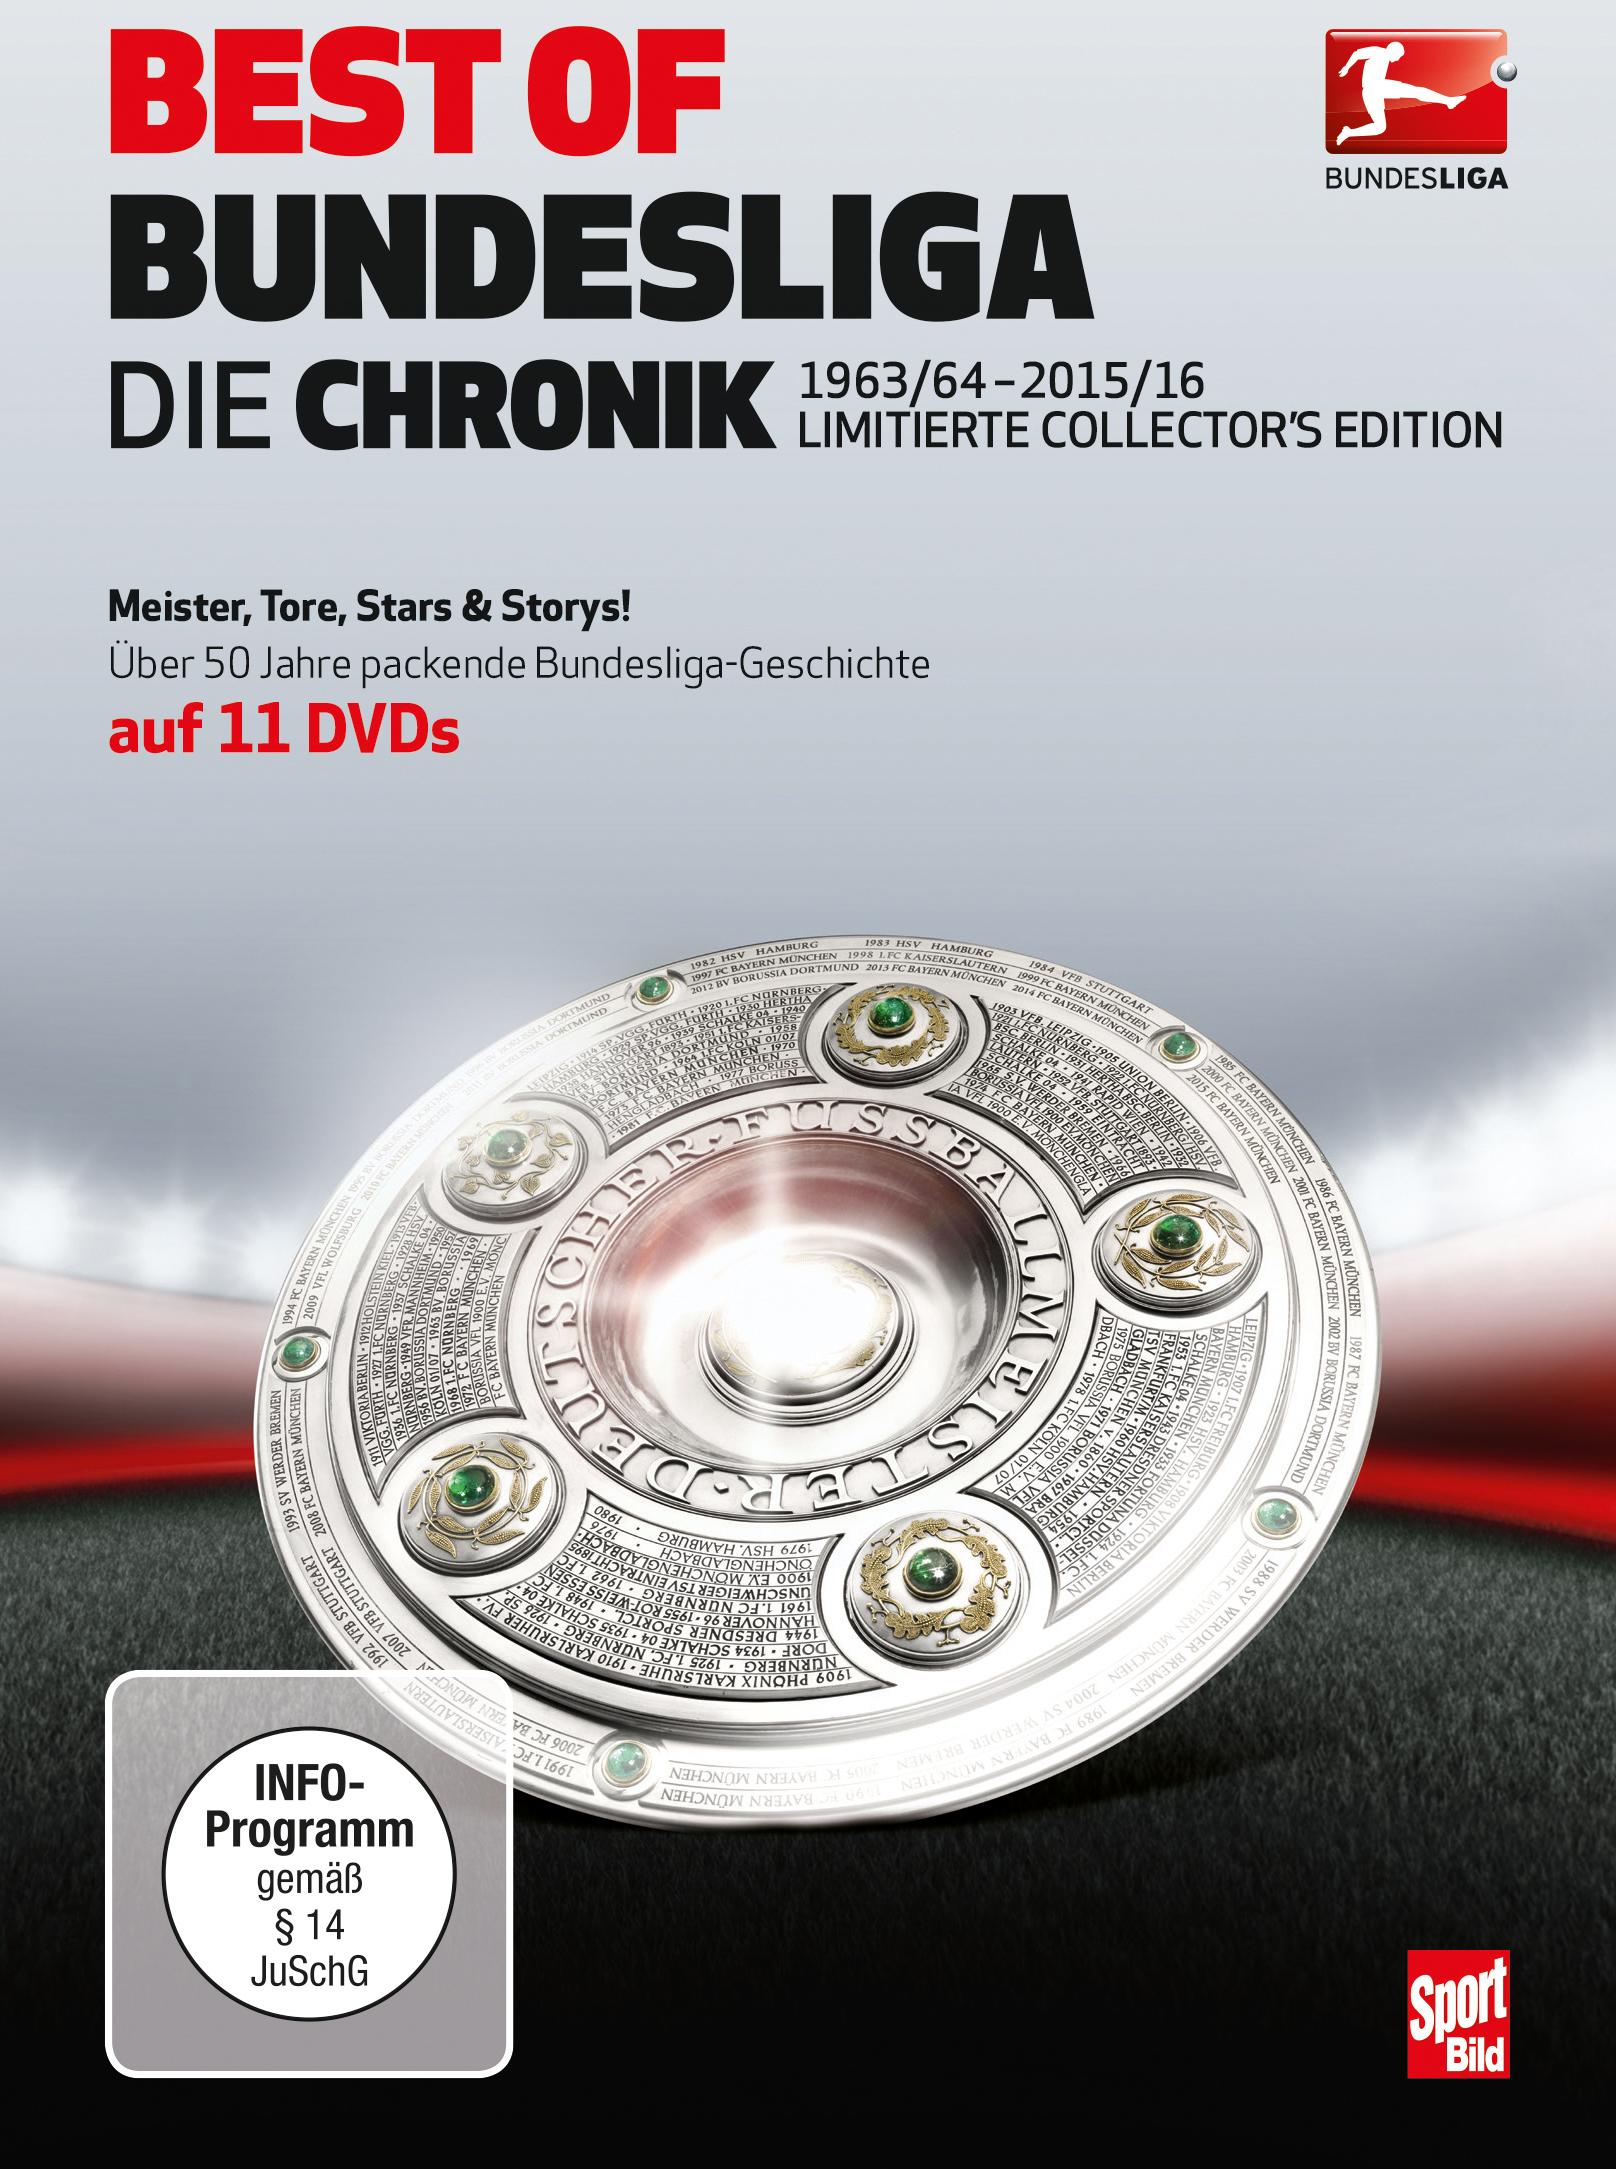 BEST OF BUNDESLIGA – Die Chronik 1963 – 2016